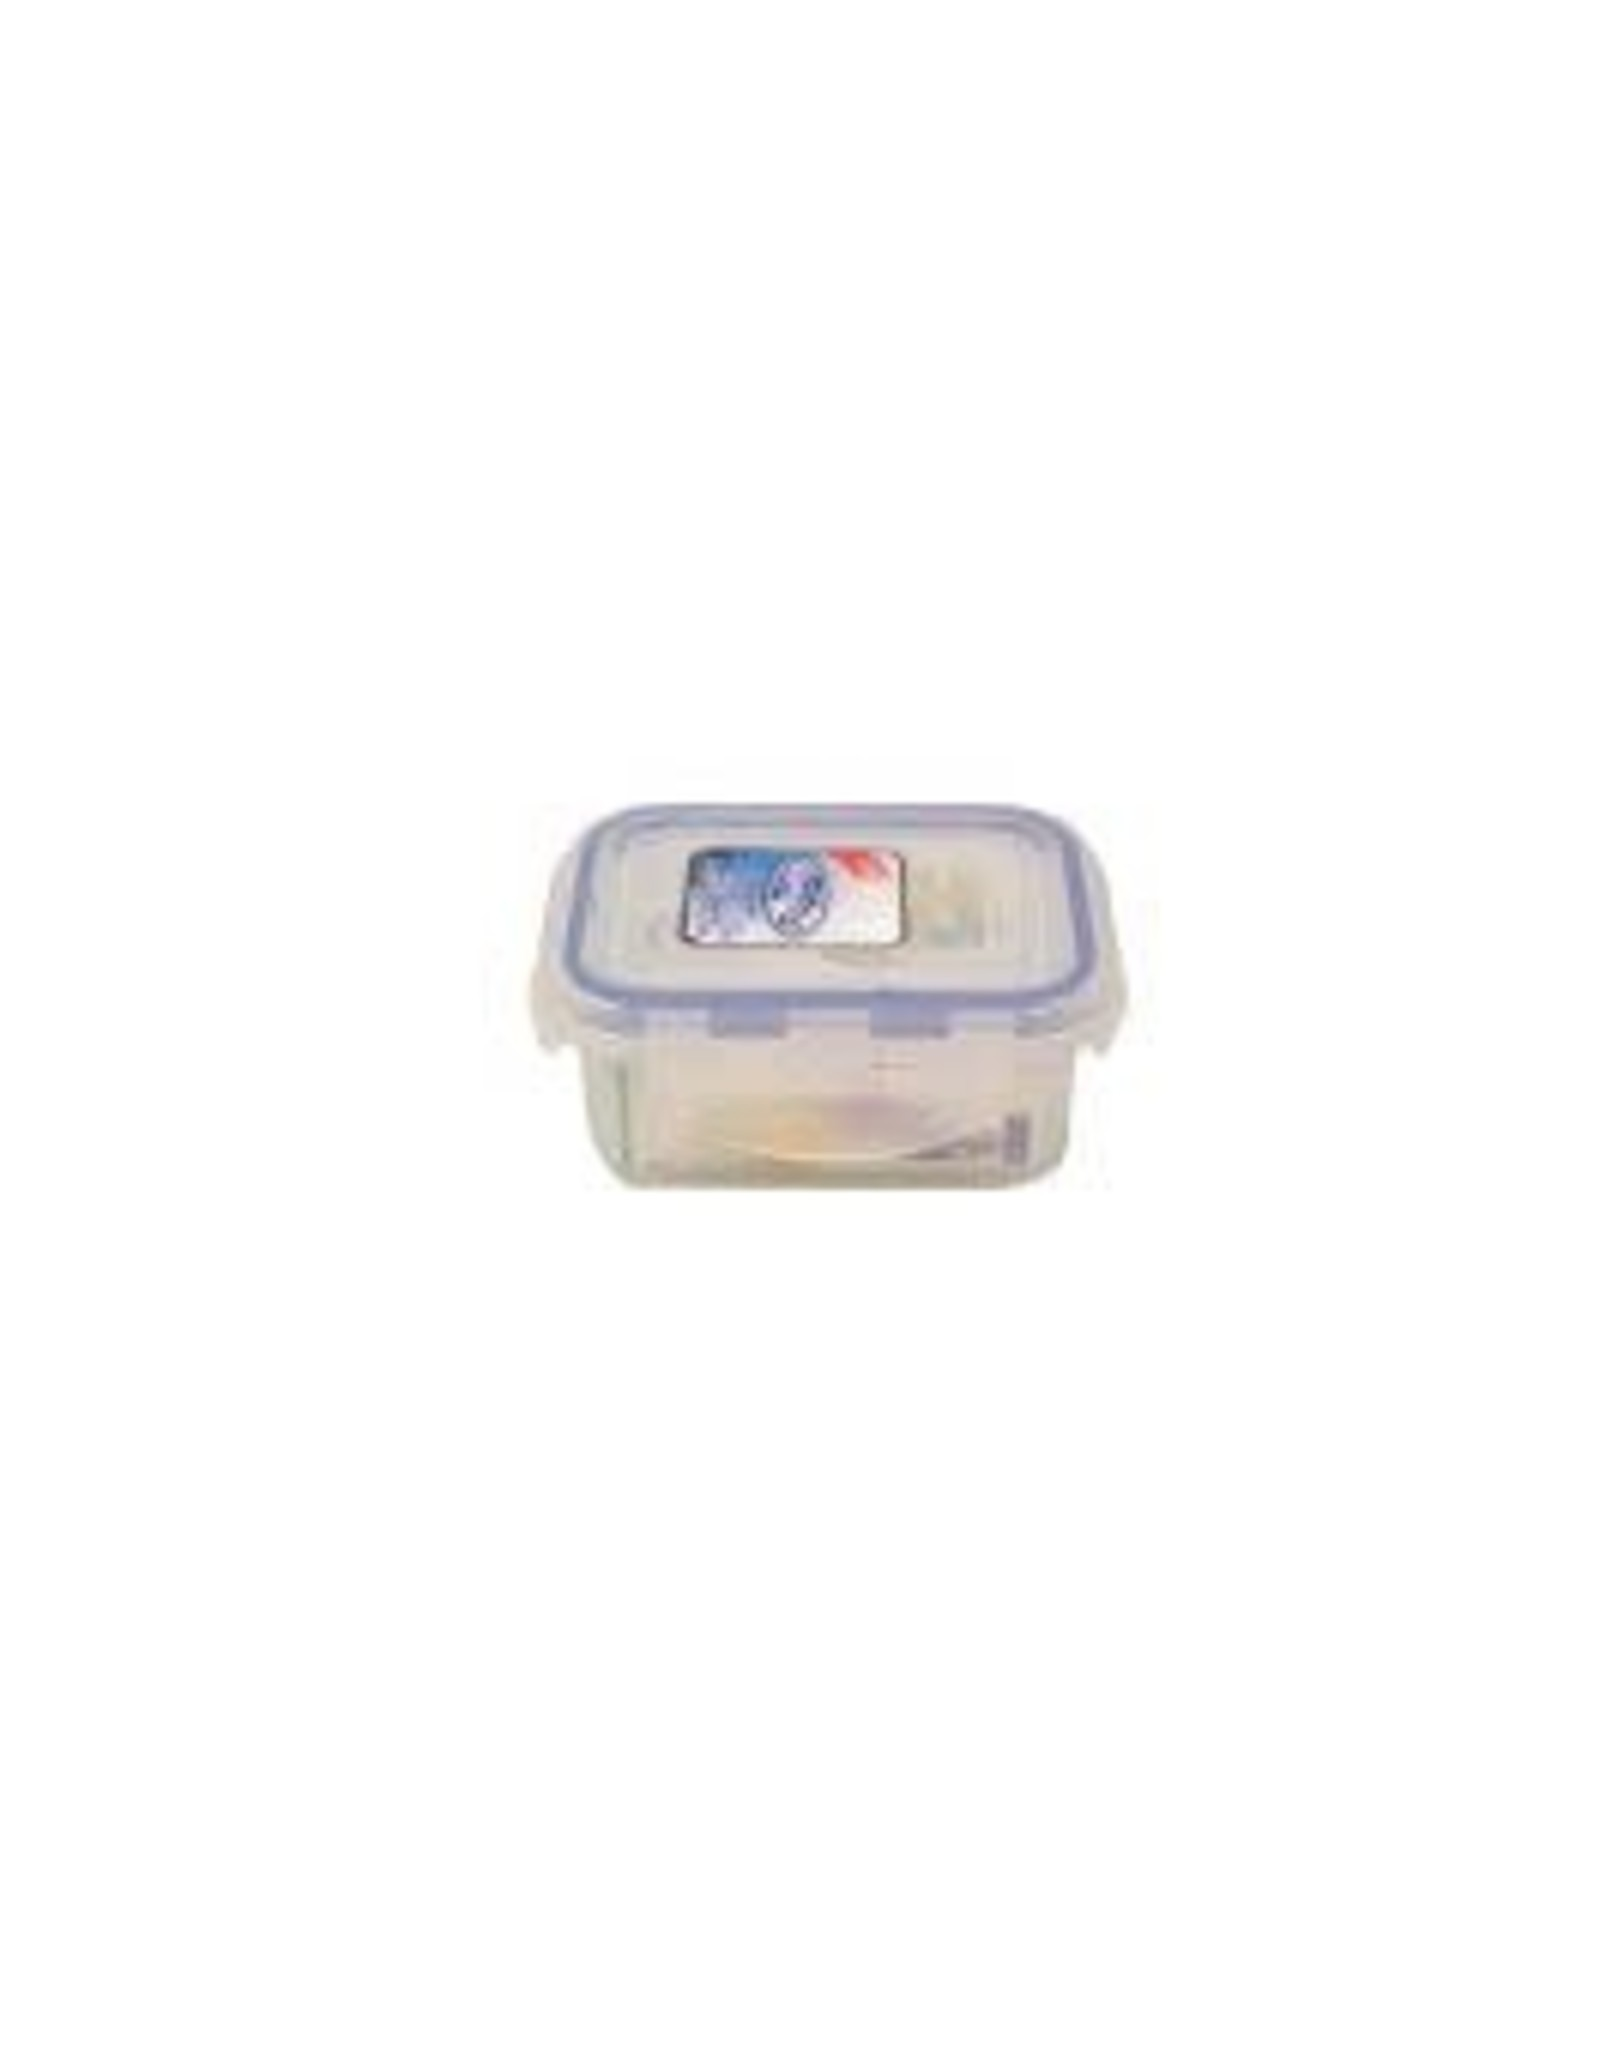 Super Lock Super Lock Container BPA Free